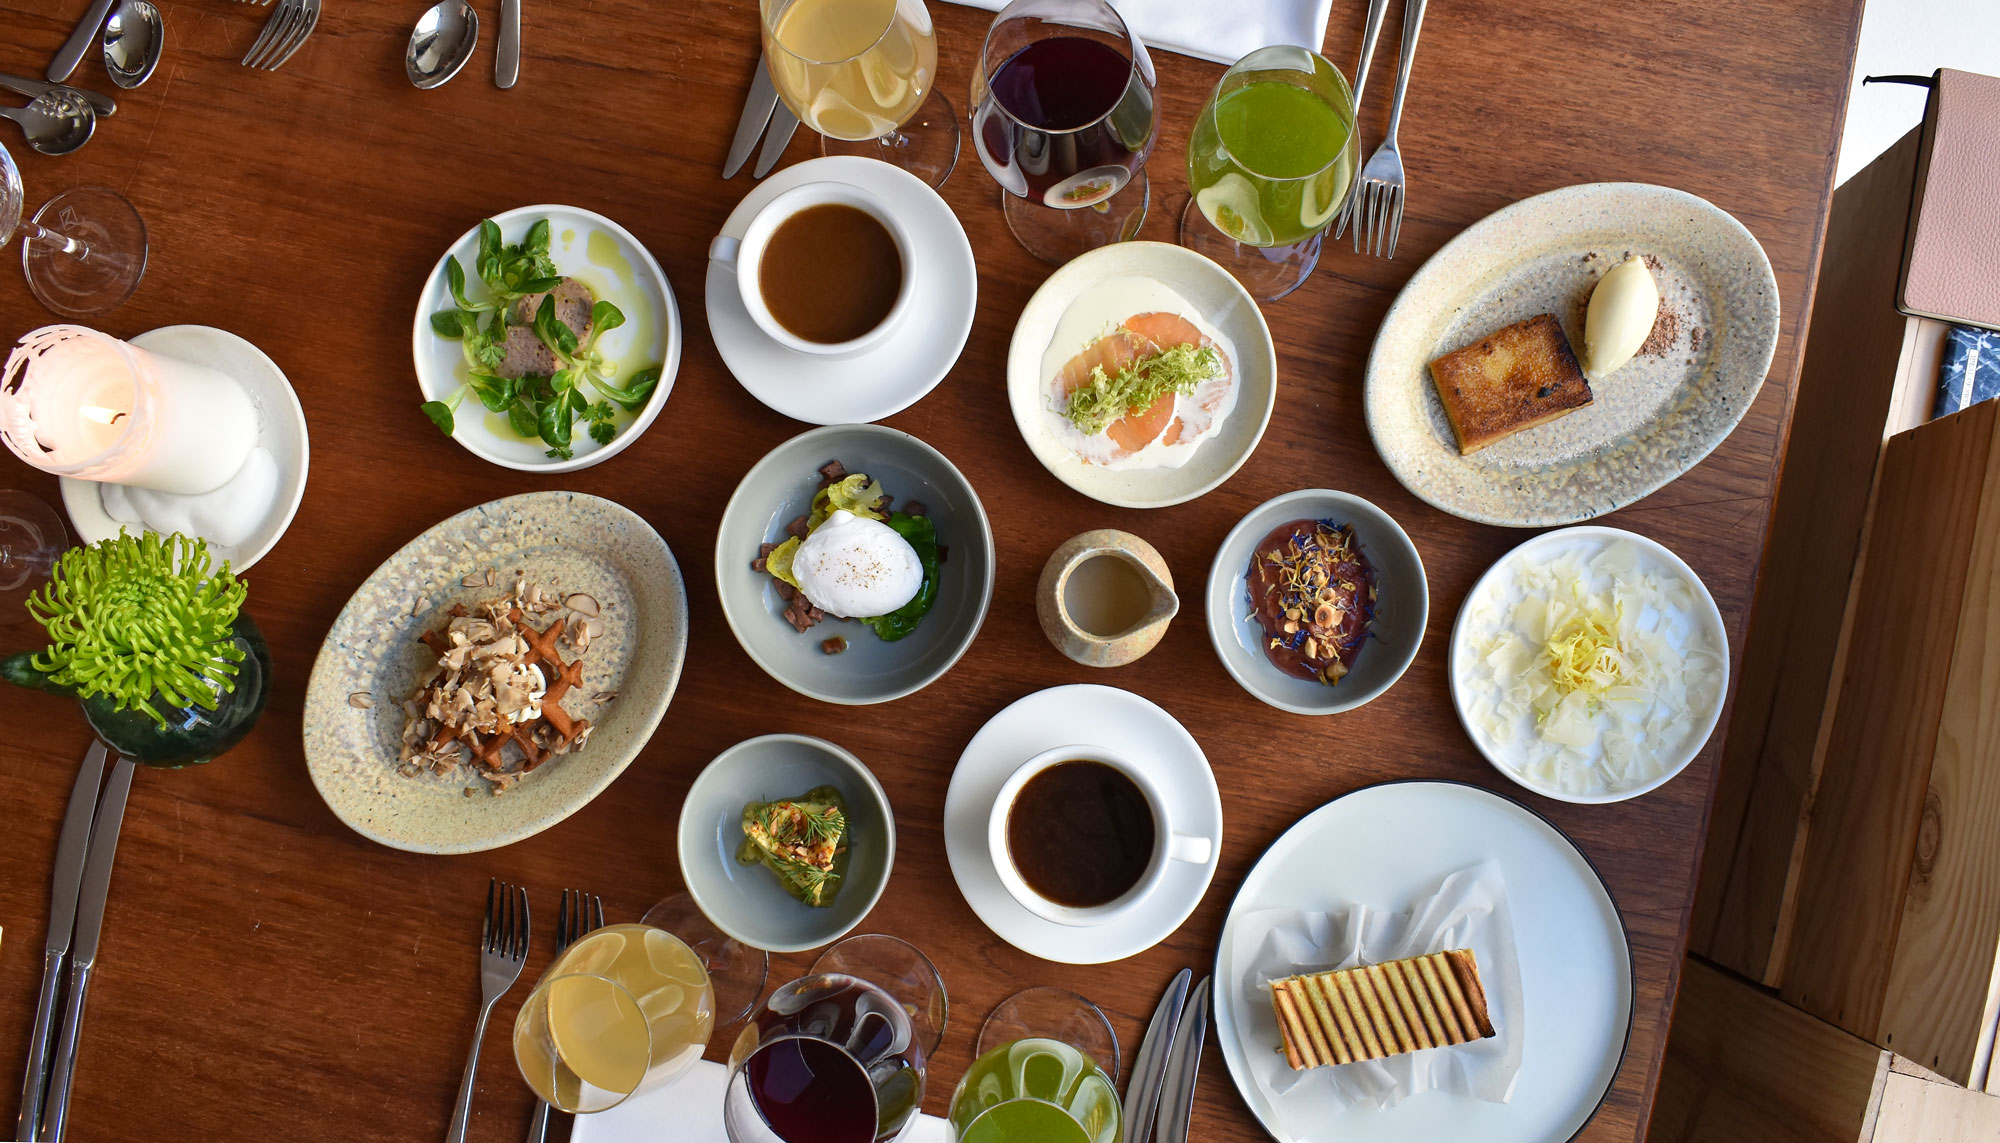 Lækkert alternativ til brunch: Nyd 9 retter for 155 kr. på Restaurant Struktur